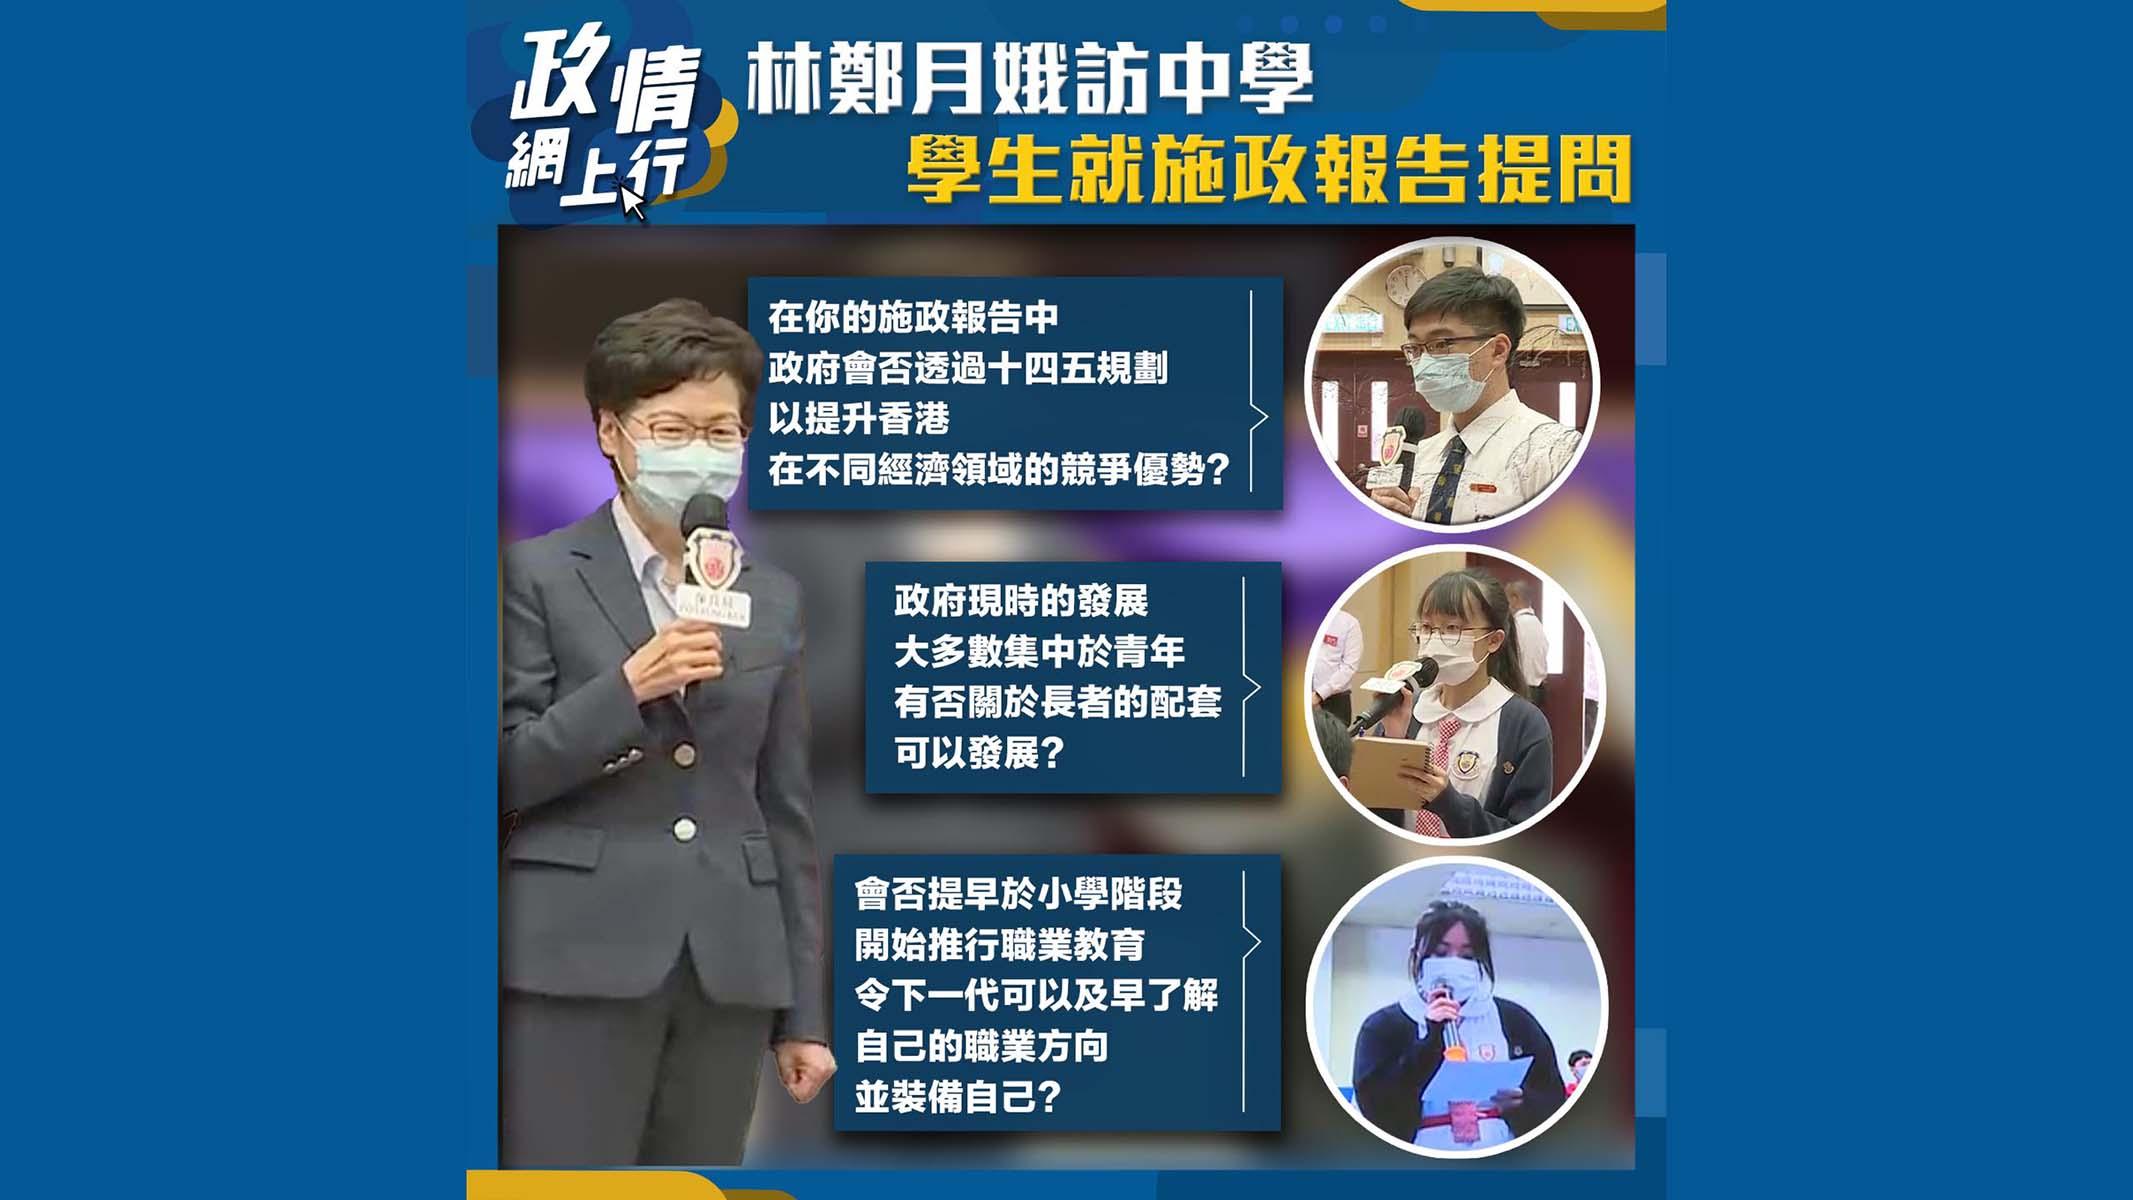 【政情網上行】林鄭月娥訪中學 學生就施政報告提問